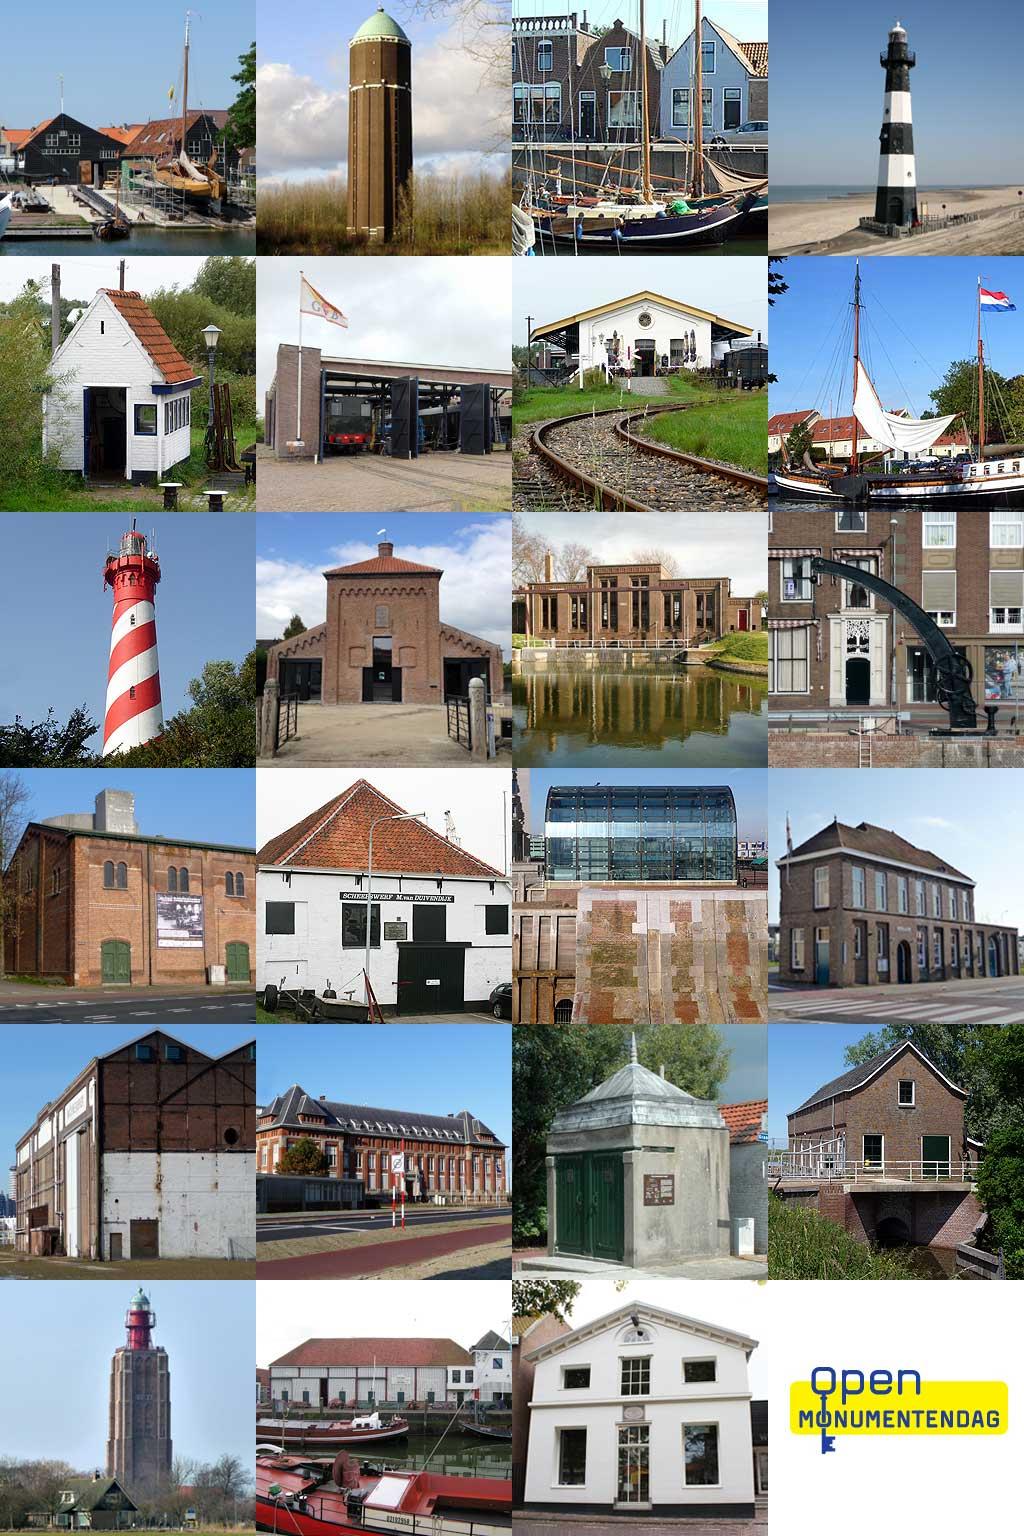 Industrieel Erfgoed op Open Monumentendag in Zeeland